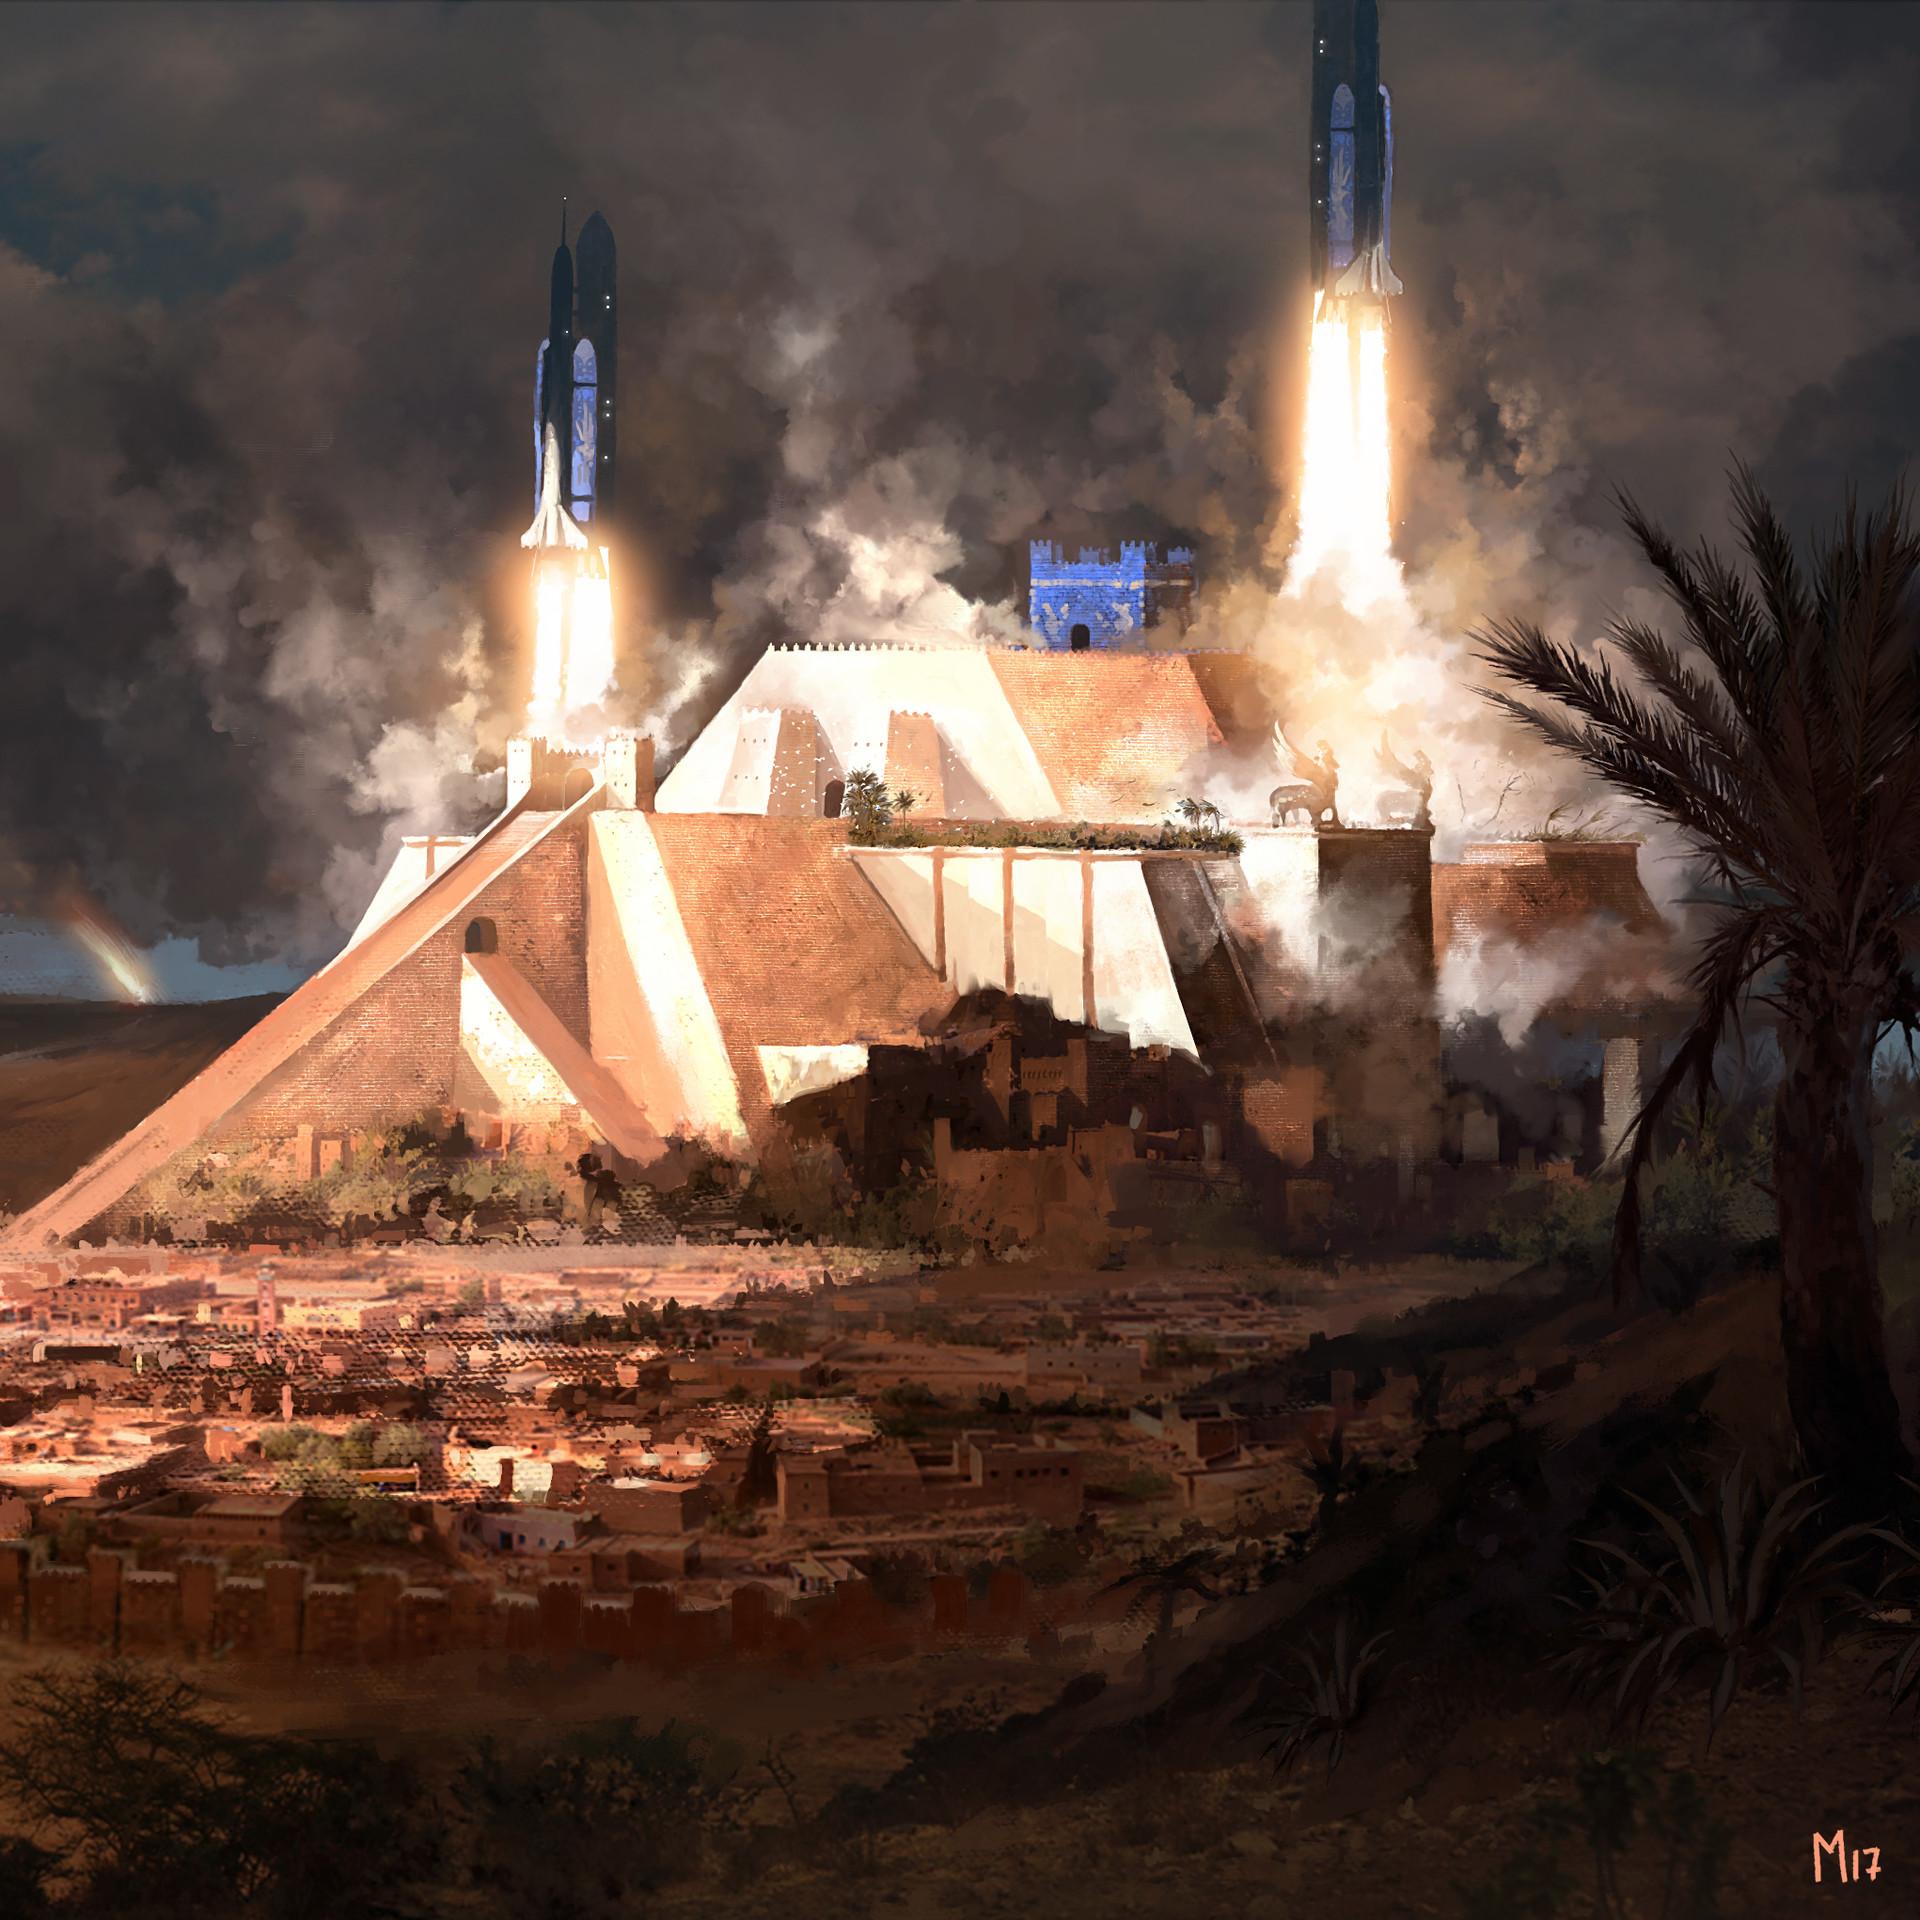 Sumerian Exodus